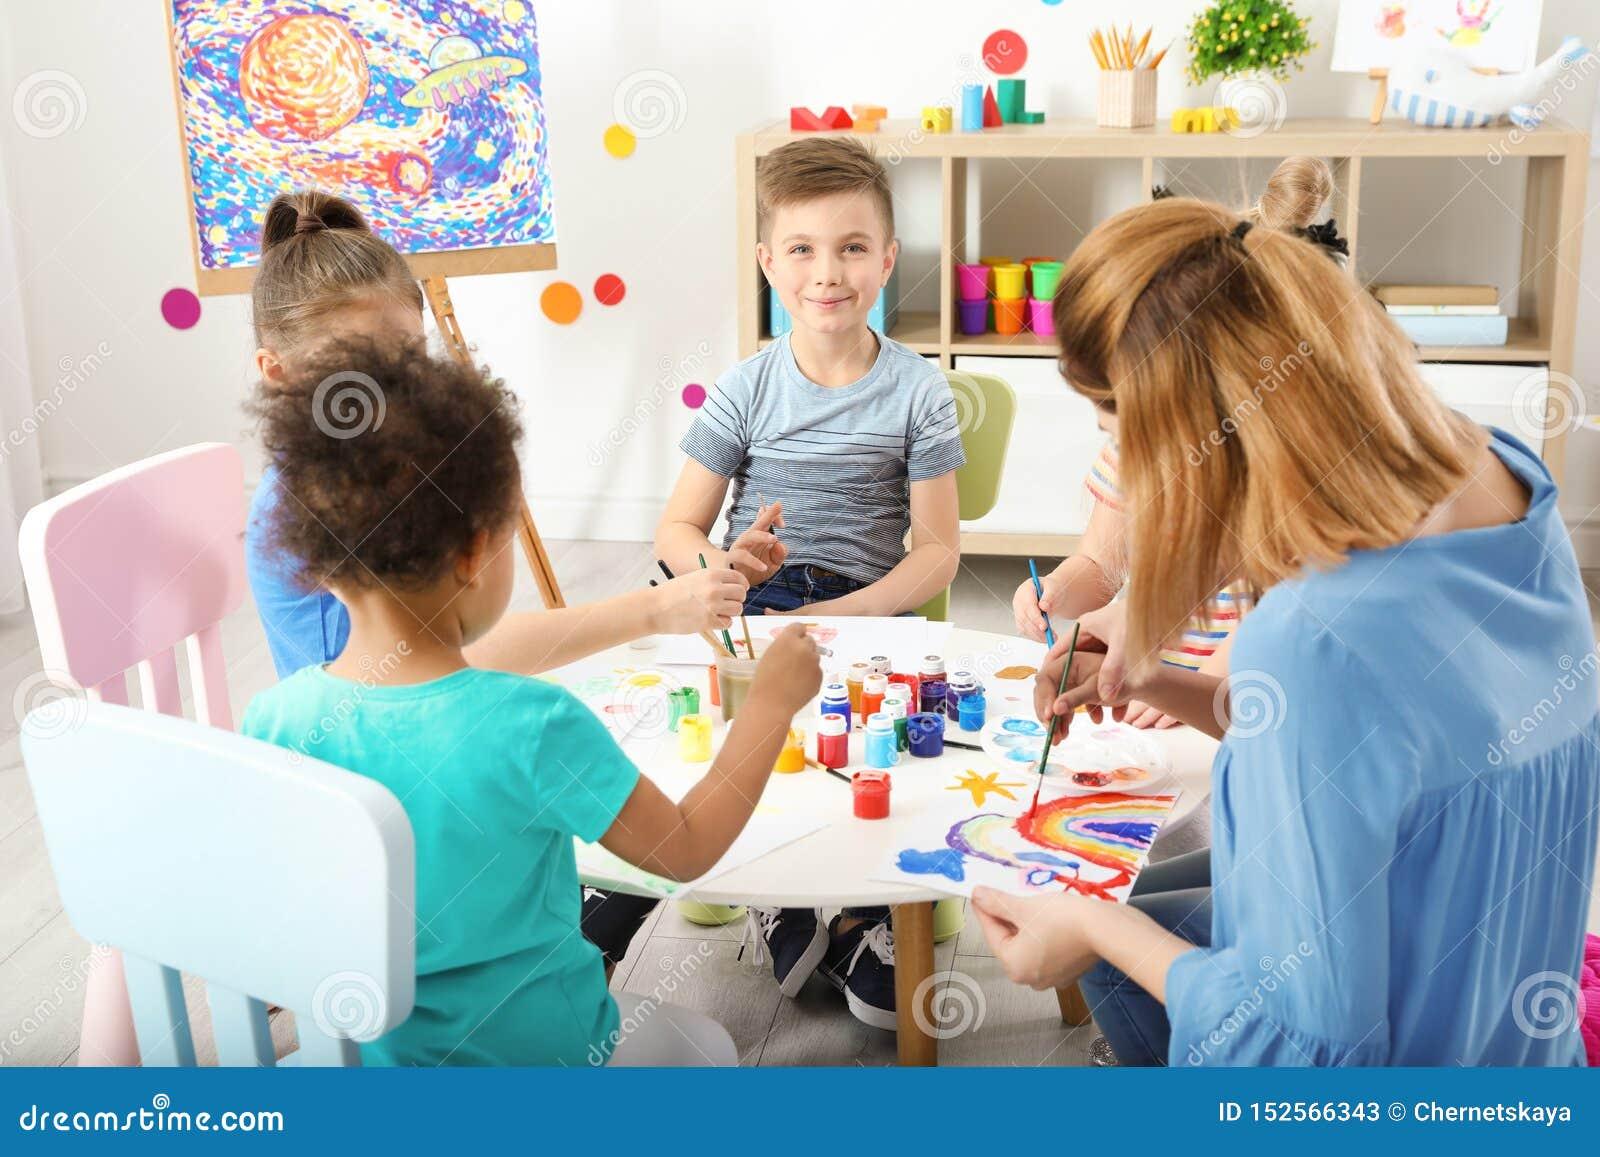 Kinder mit weiblichem Lehrer an malender Lektion